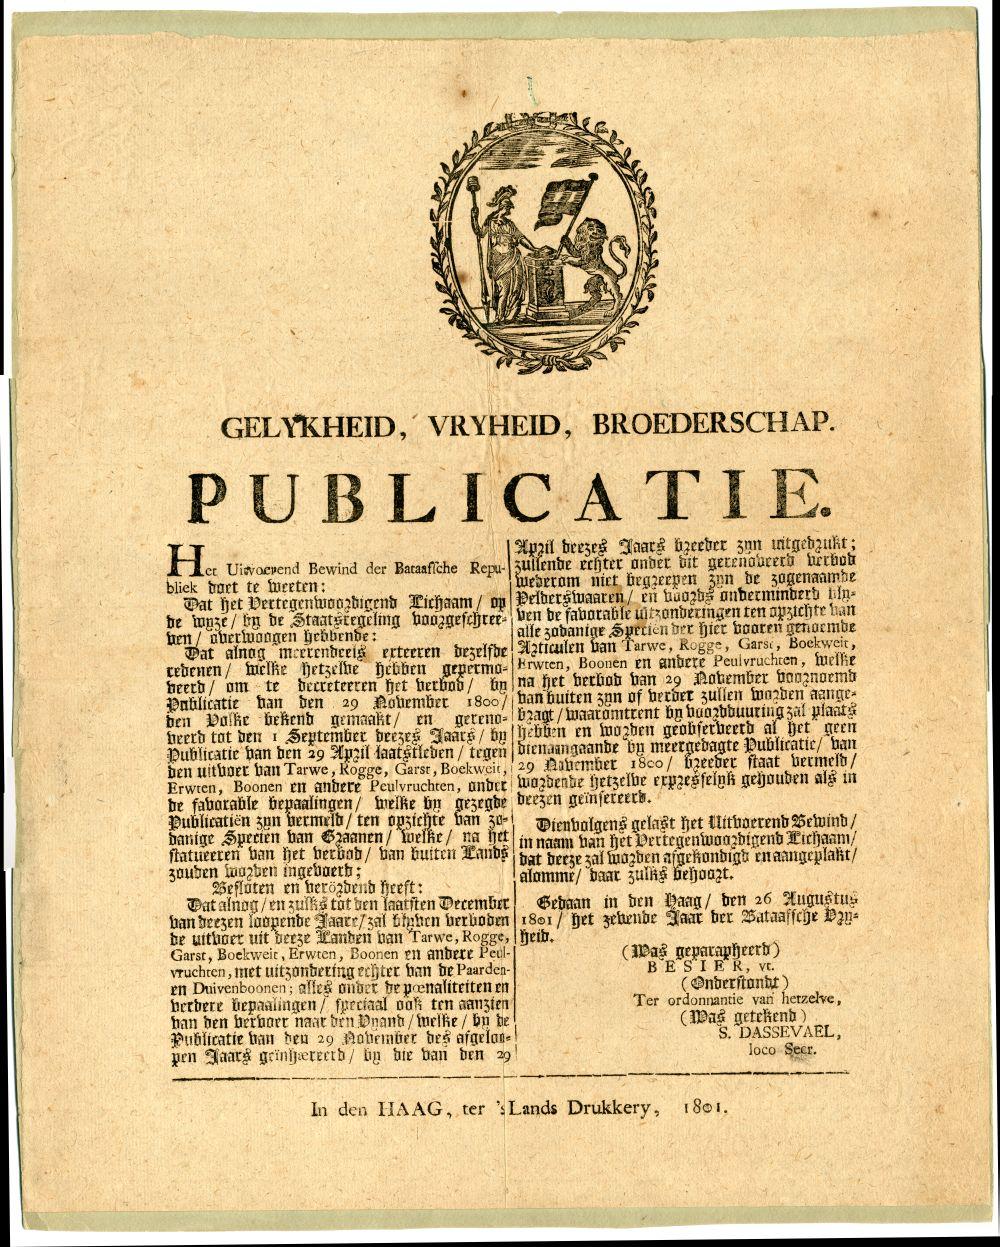 Publicatie van de Bataafsche Republiek